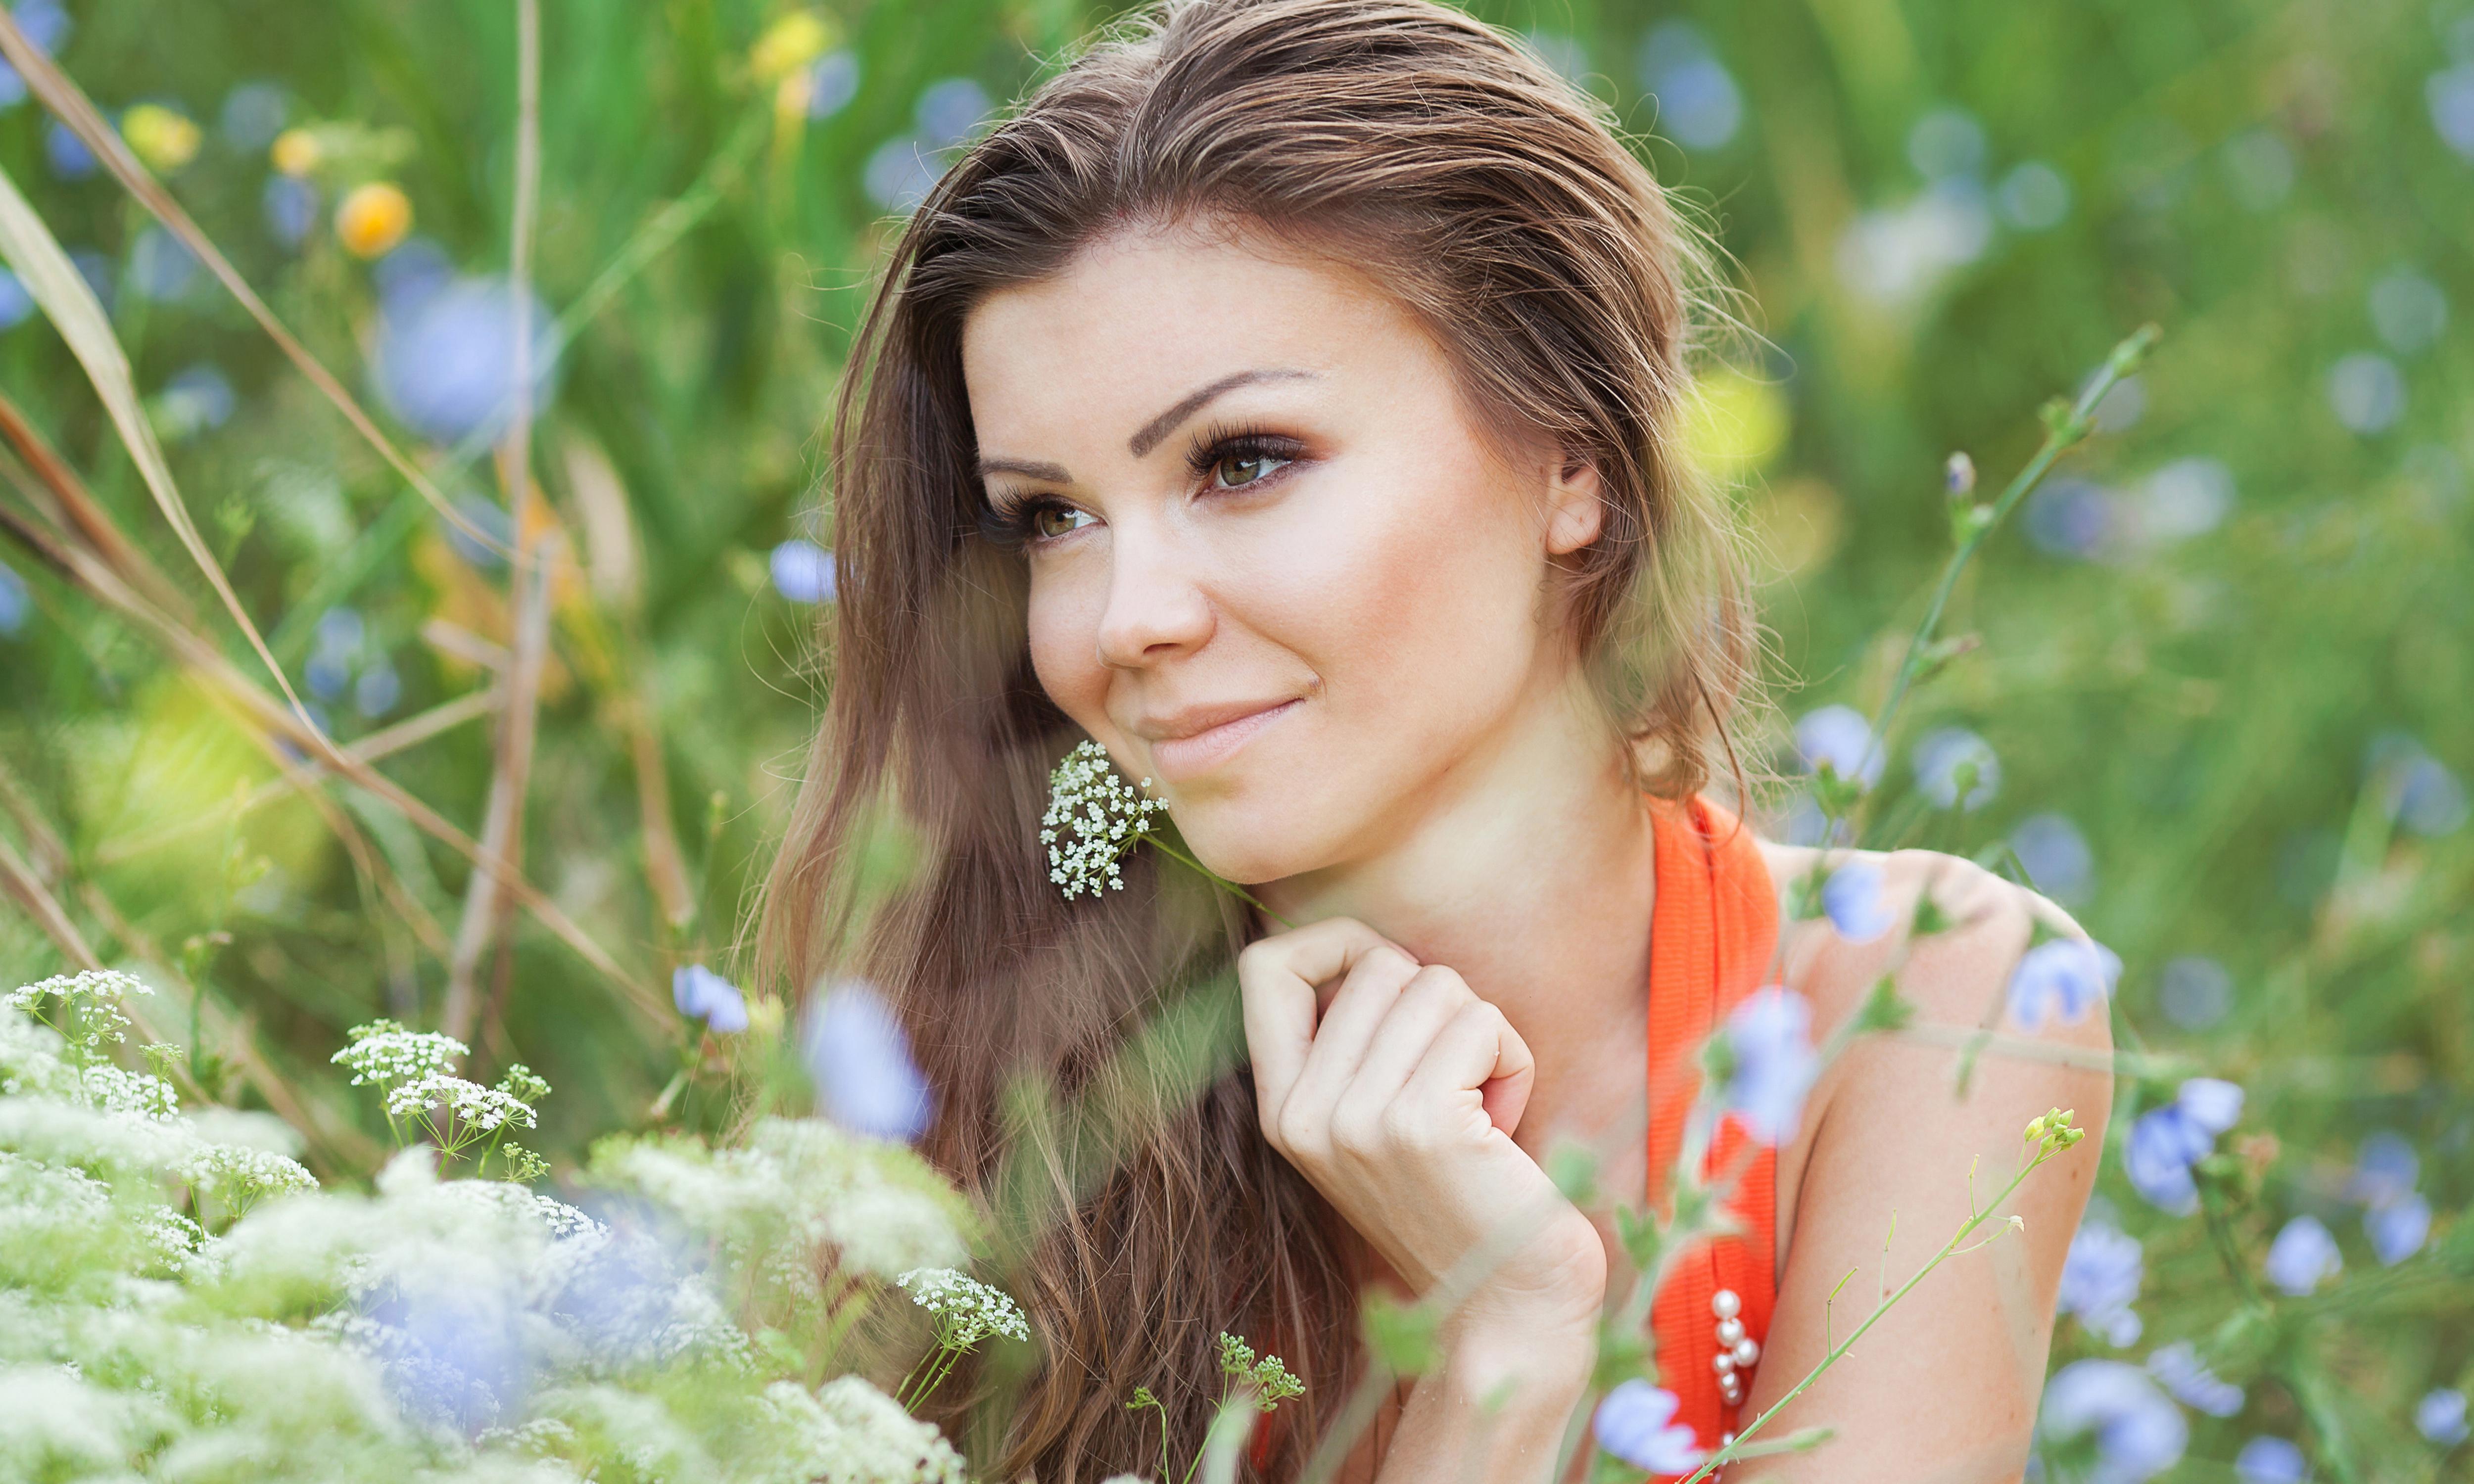 Красивые картинки женщин на природе